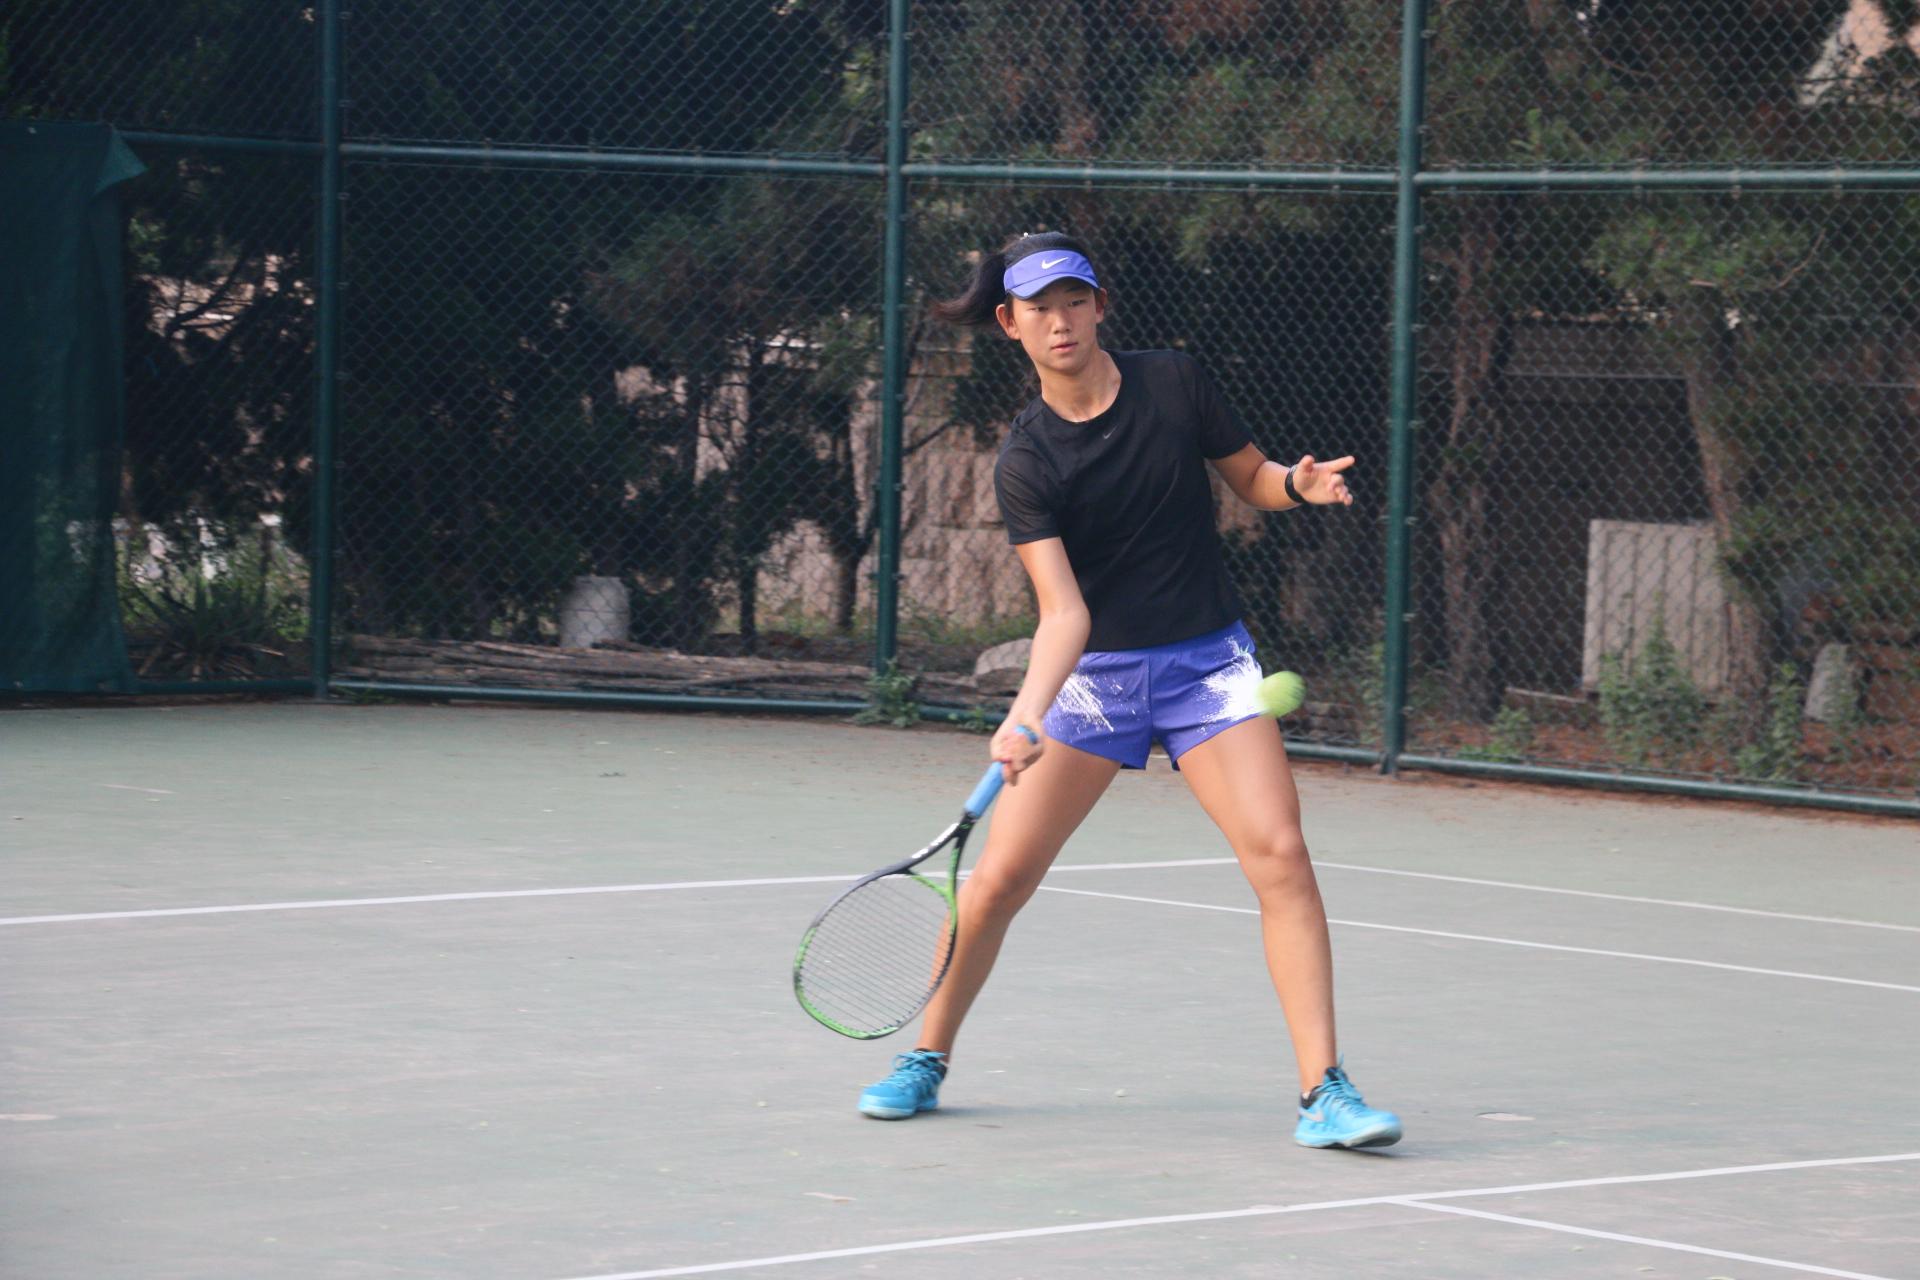 户外体育运动云天木兰单扇鹤舞网球1-4图片